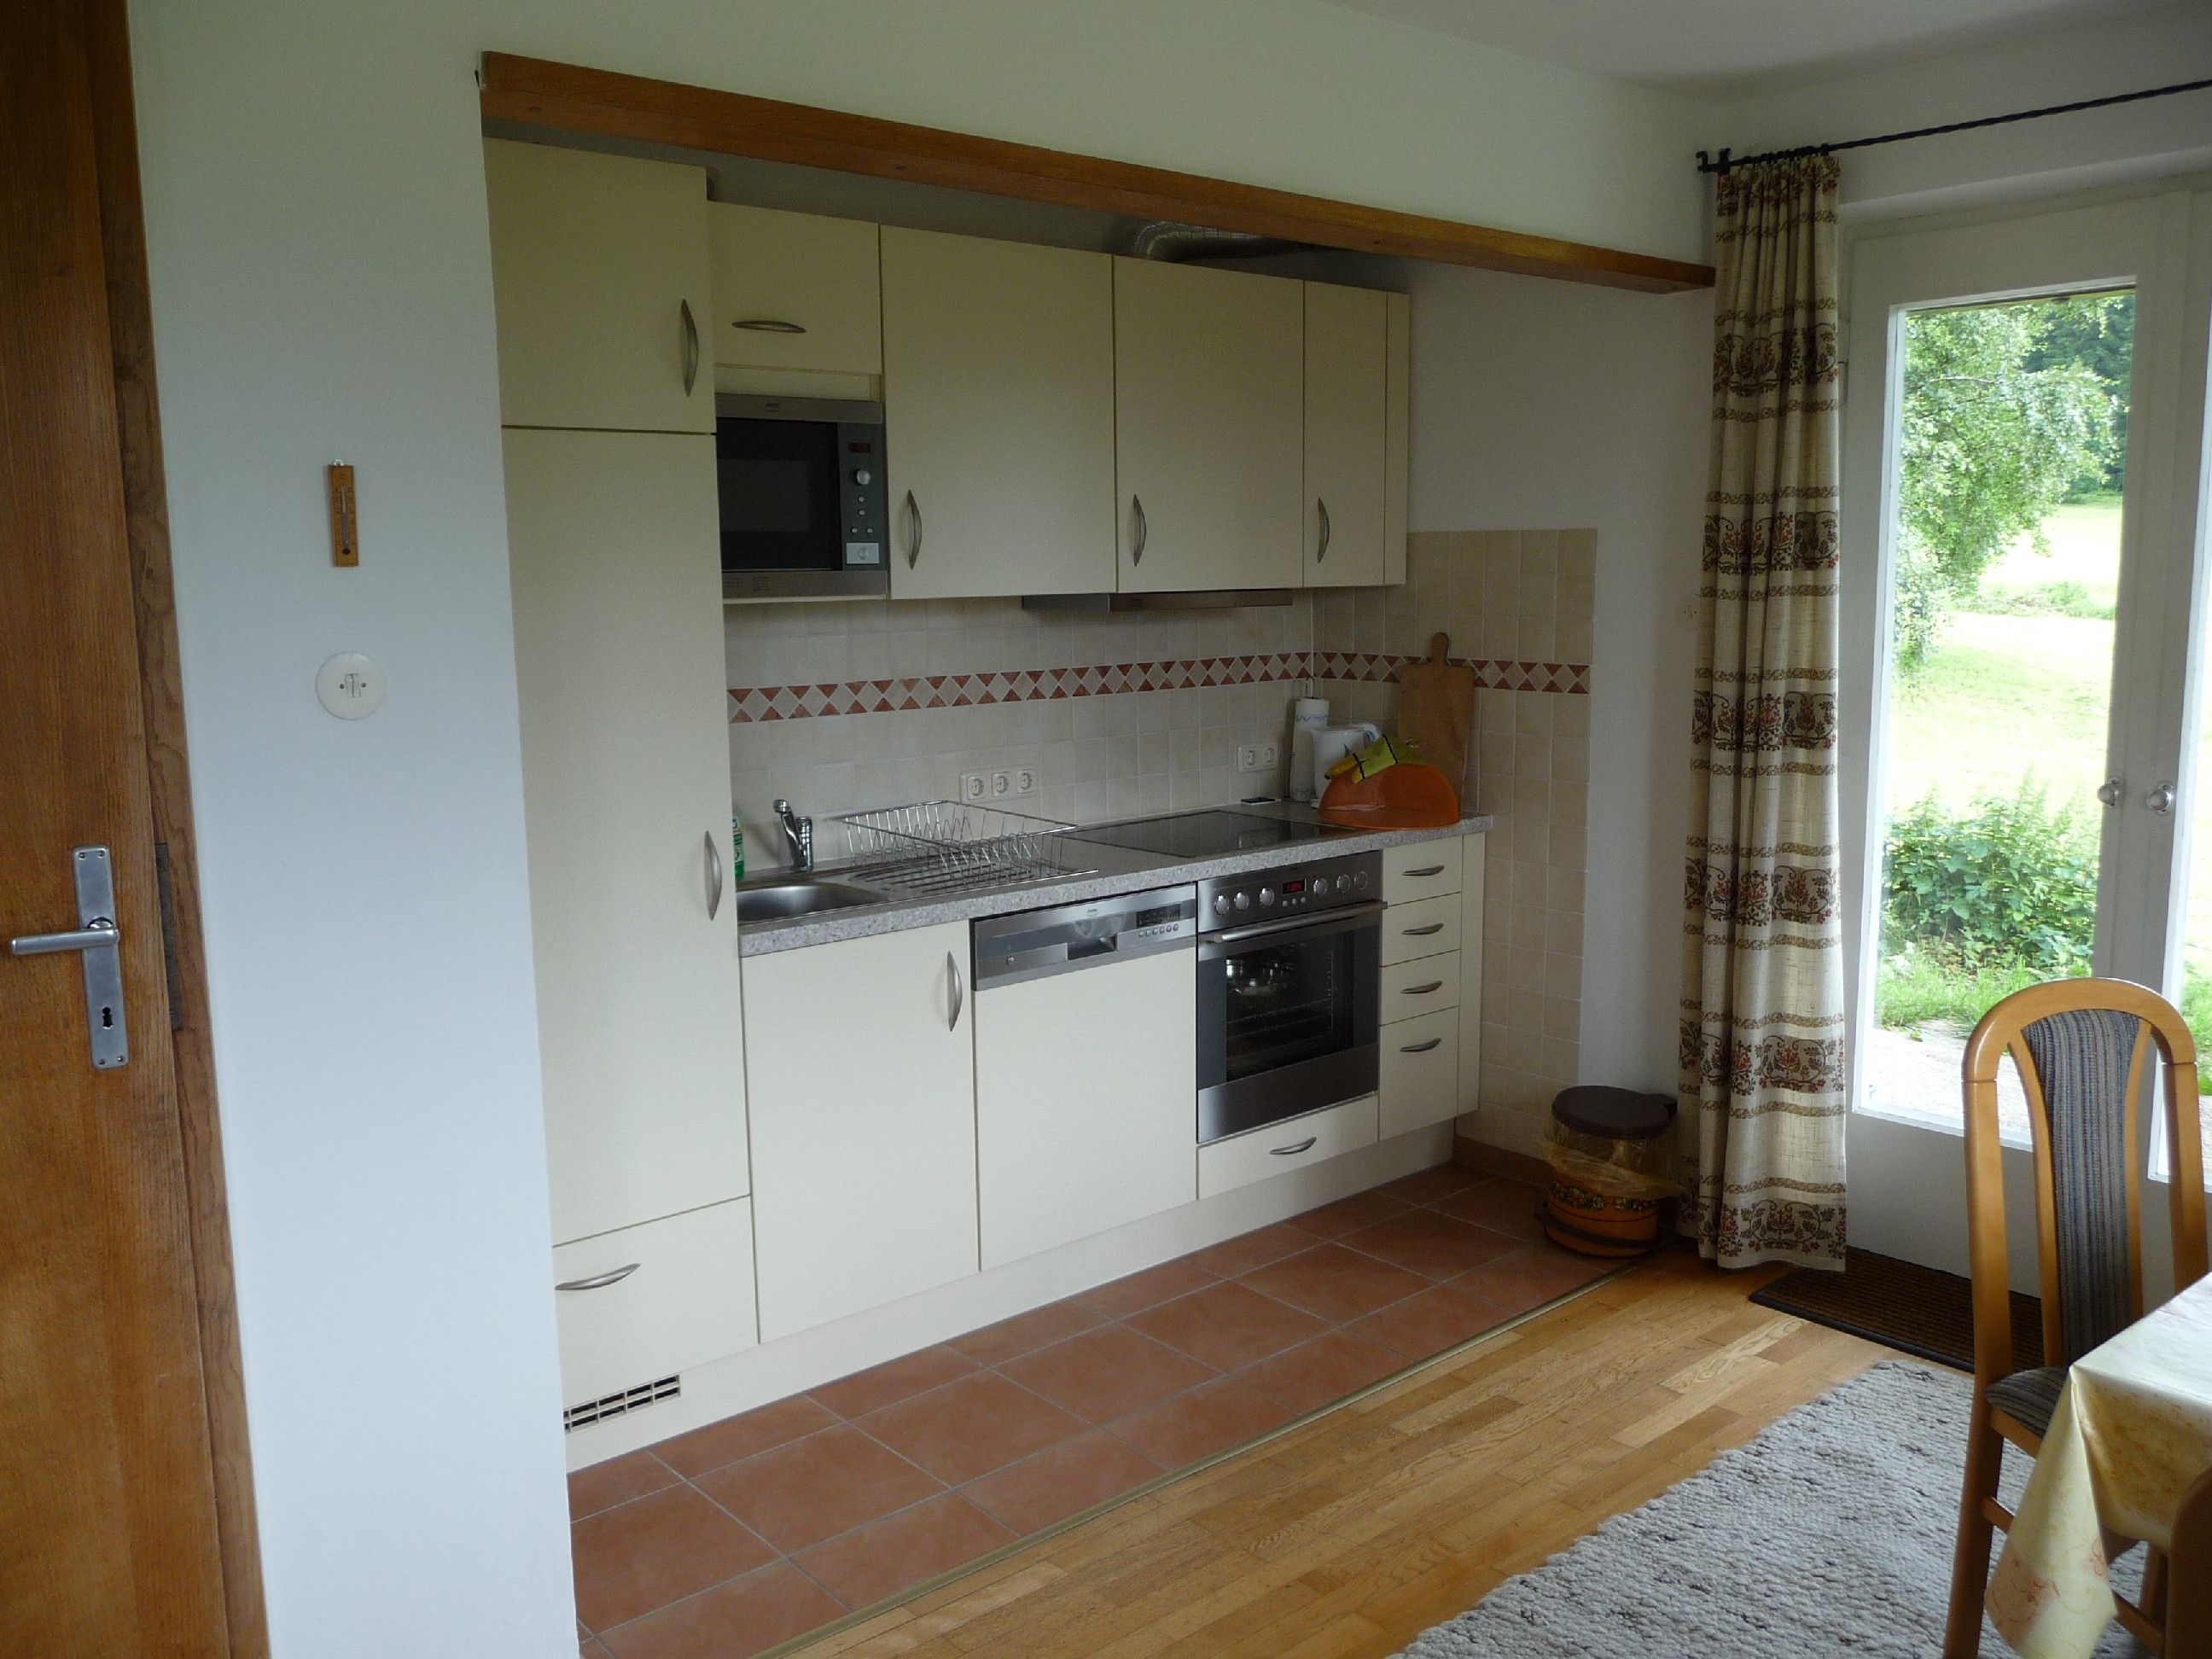 Auch die Küchenzeile haben wir neu ausgestattet, so daß nichts fehlt, was die Köchin oder der Koch wünscht!